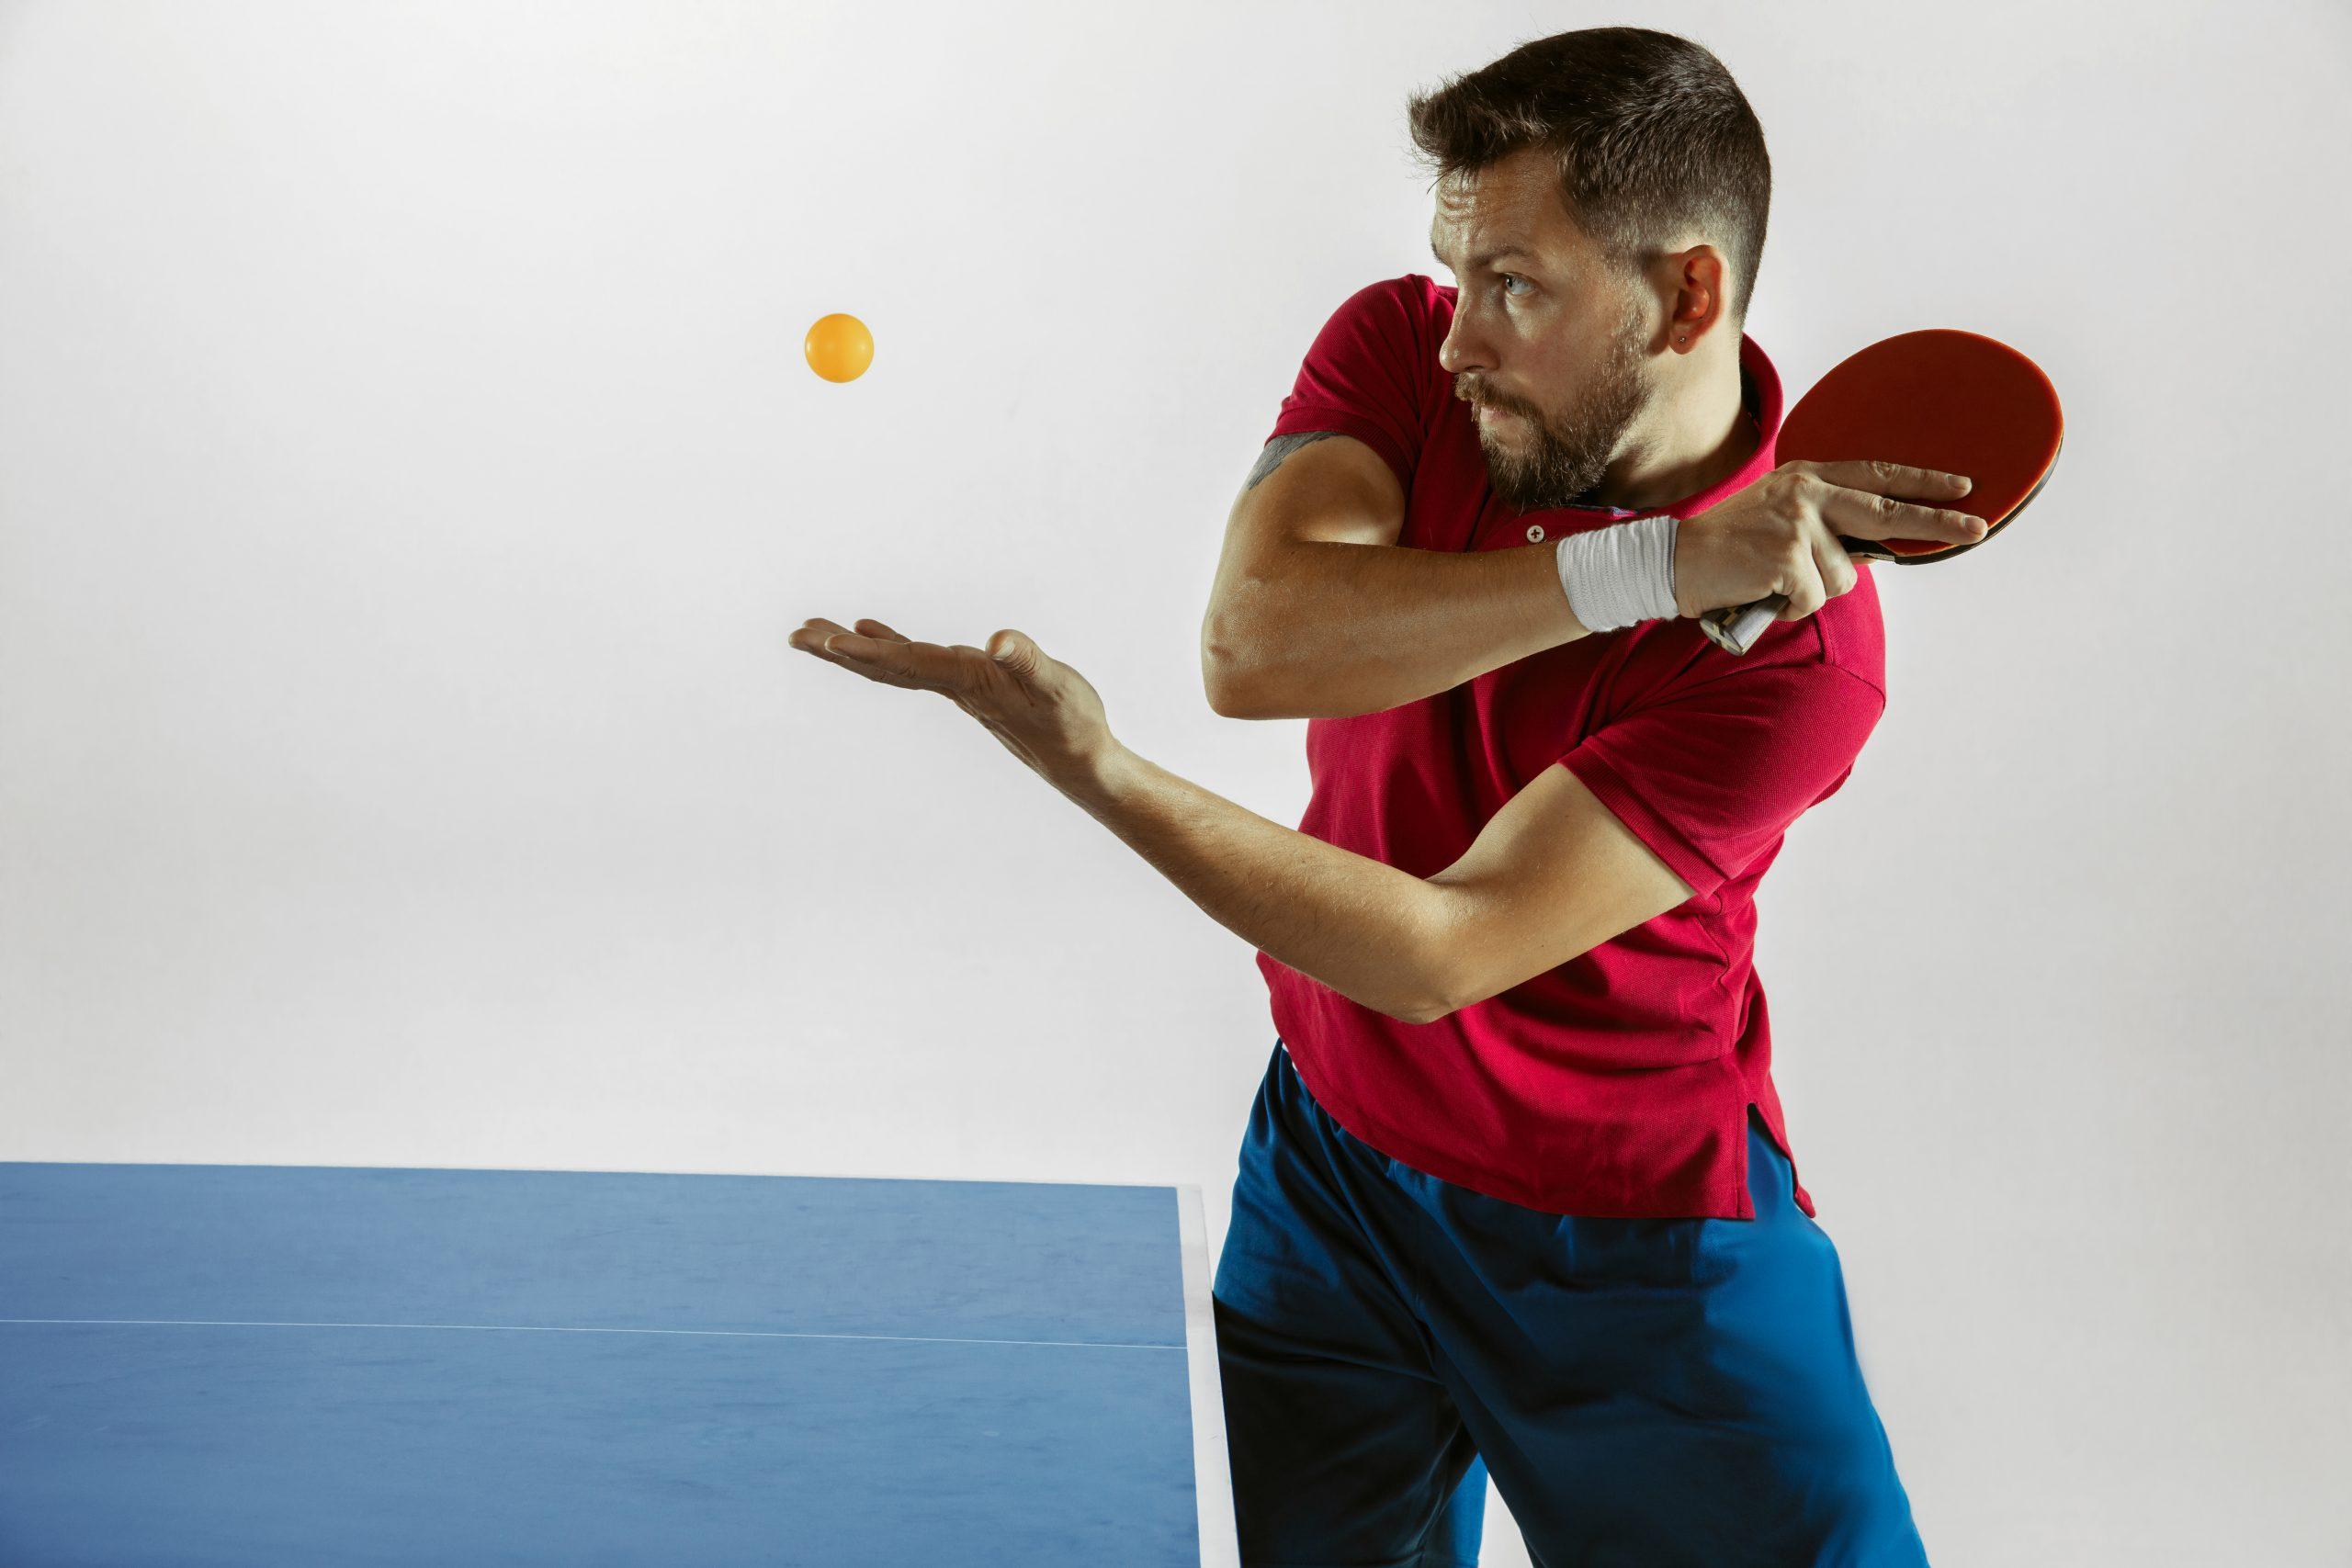 Homem jogando tênis de mesa com bolinha em uma mão e raquete na outra